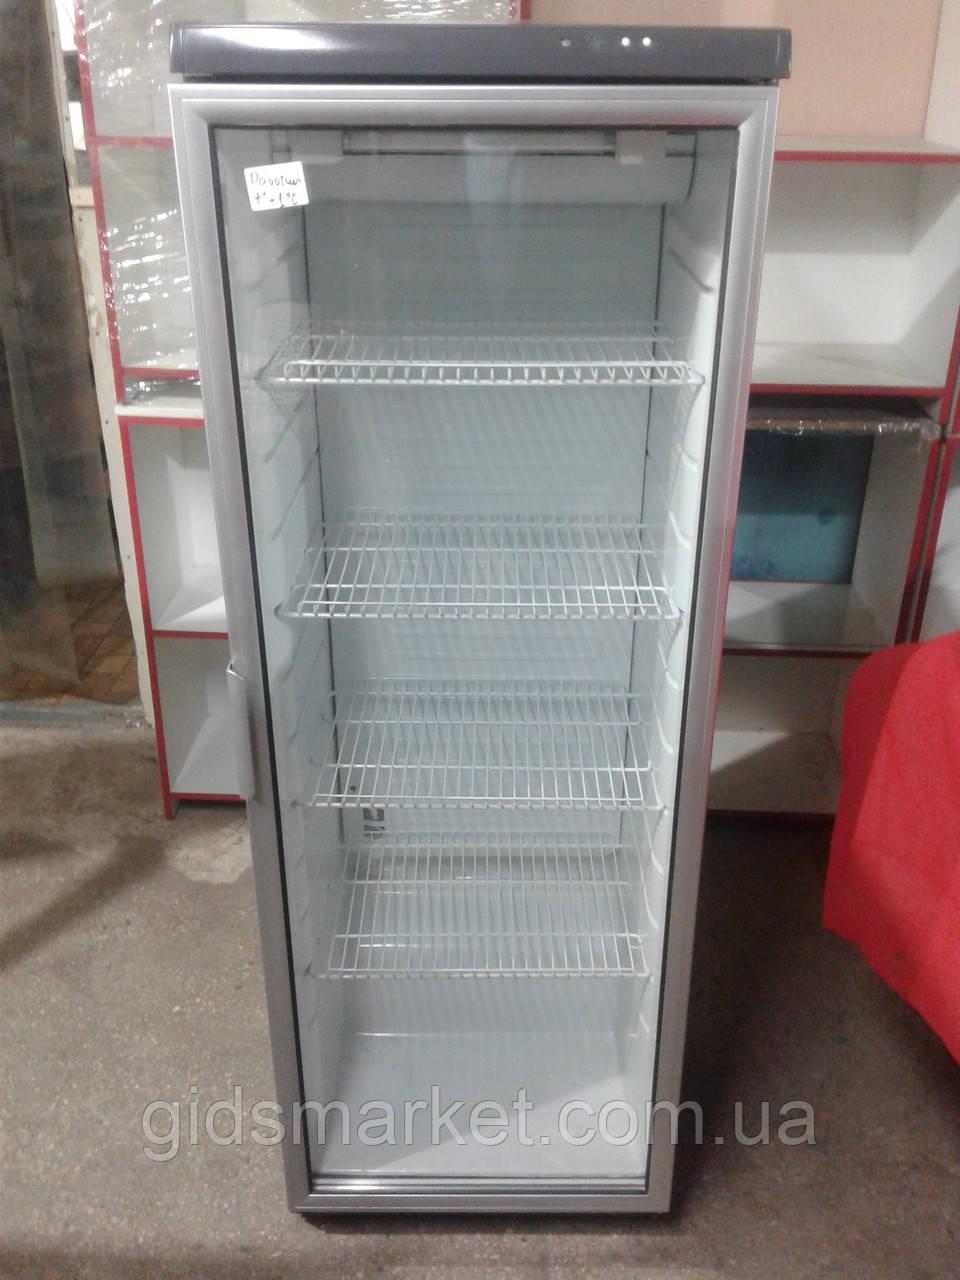 Шкафчик холодильный Snaige б/у, холодильный шкаф витрина б у, холодильный шкаф б у